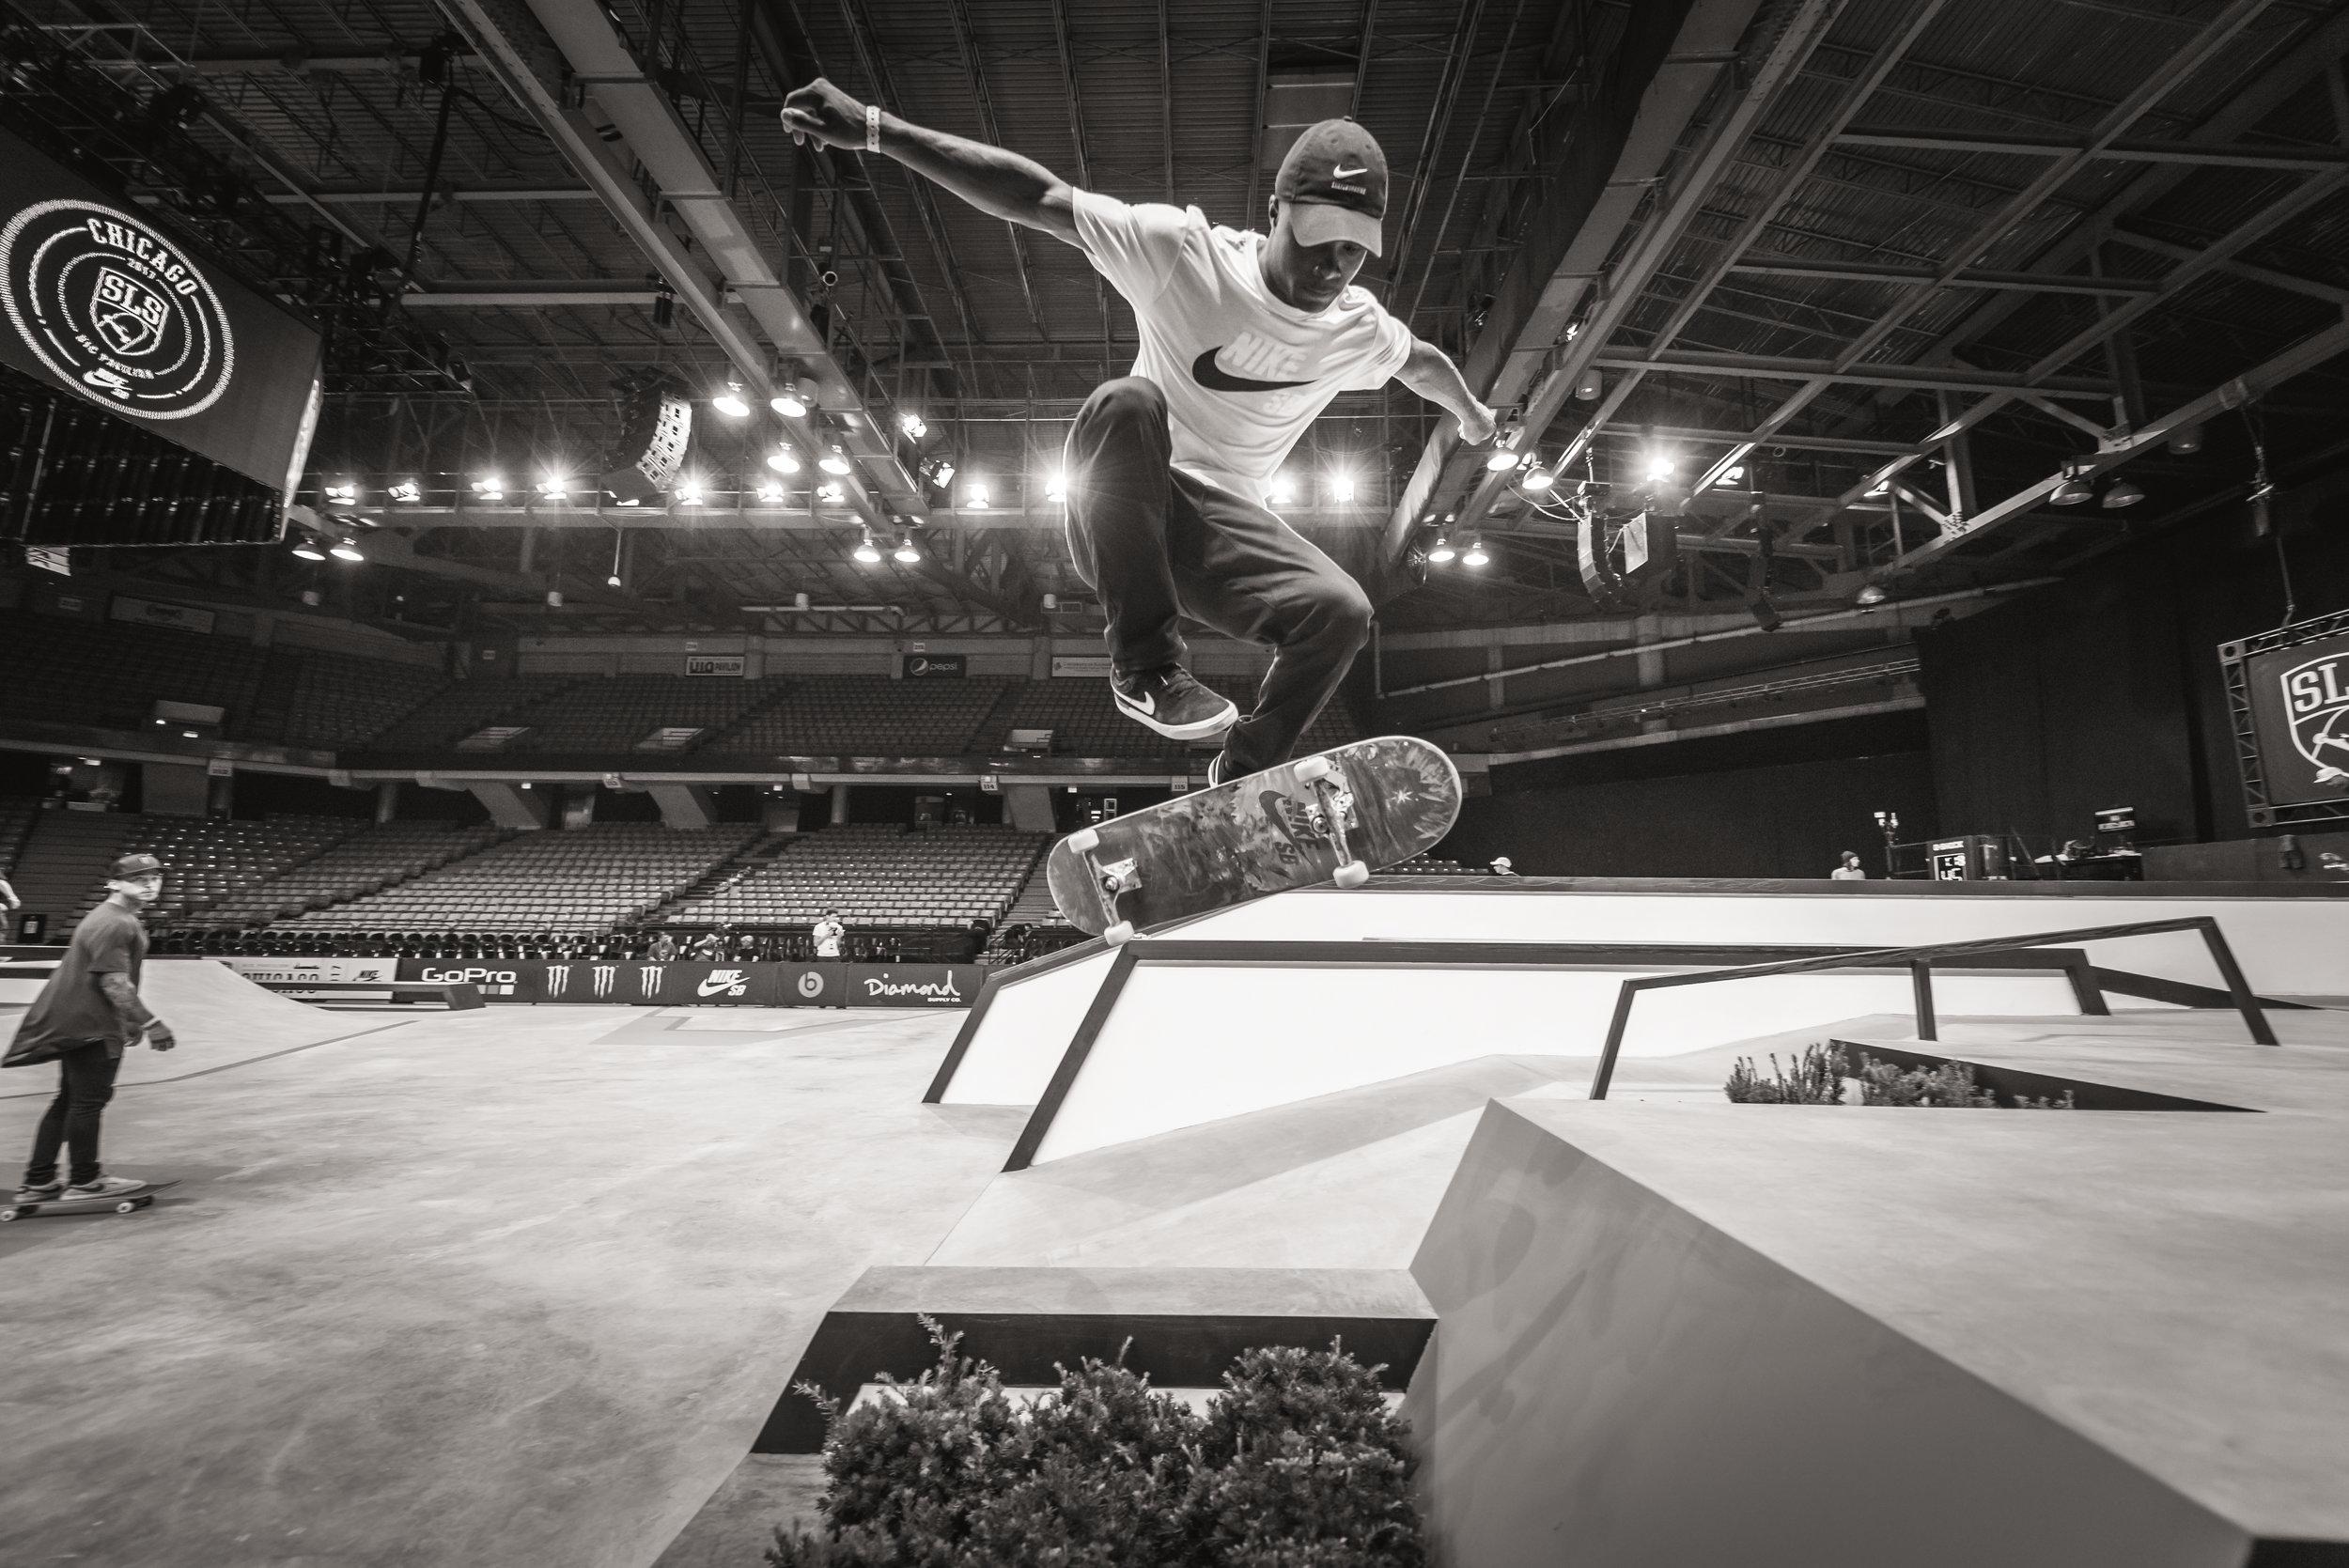 Street League Skateboarding 2017